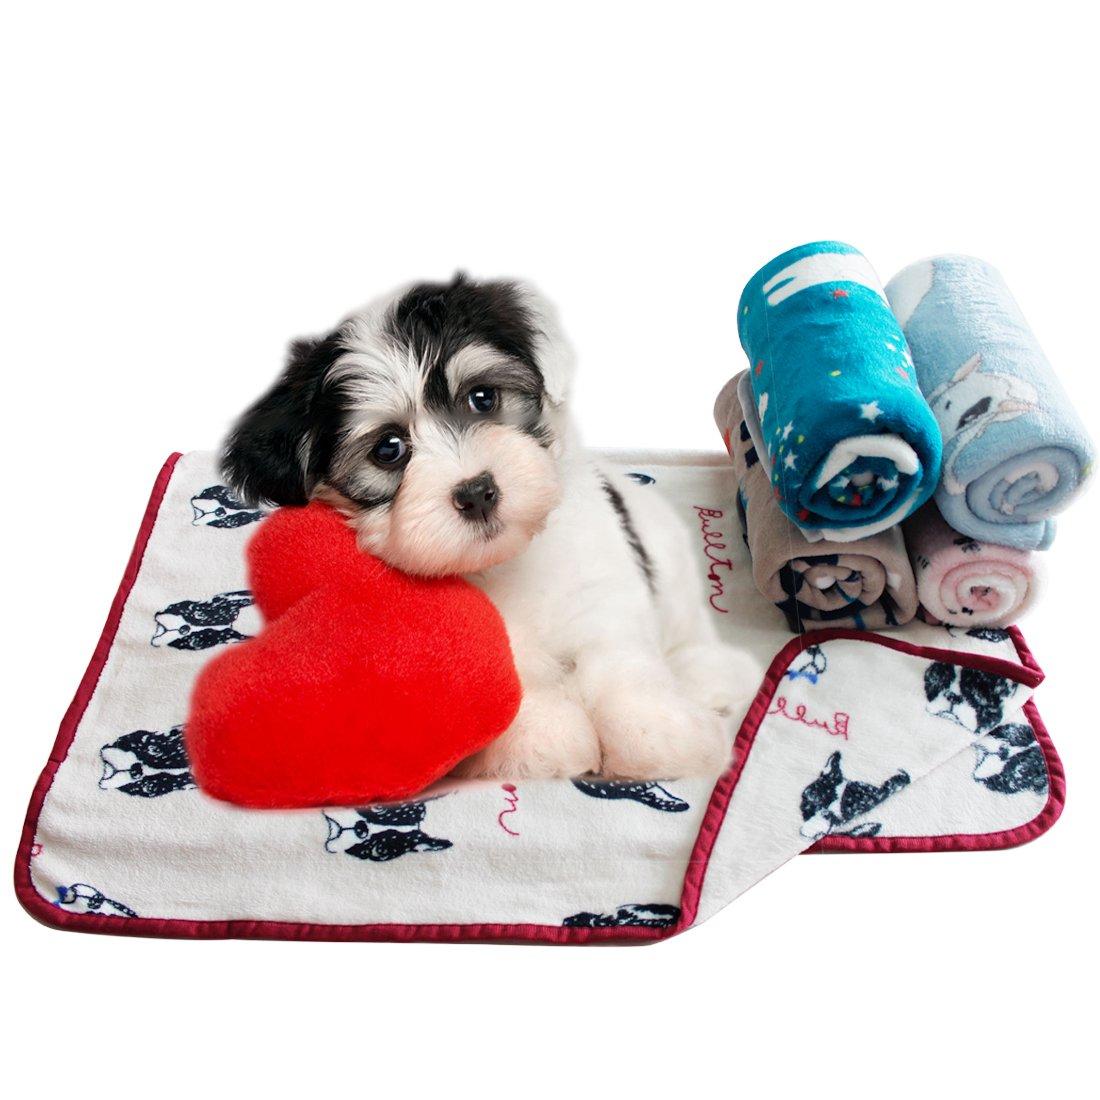 Scheppend Mantas para mascotas Mantas blandas y suaves para perros perros Gatos, Bichon: Amazon.es: Productos para mascotas